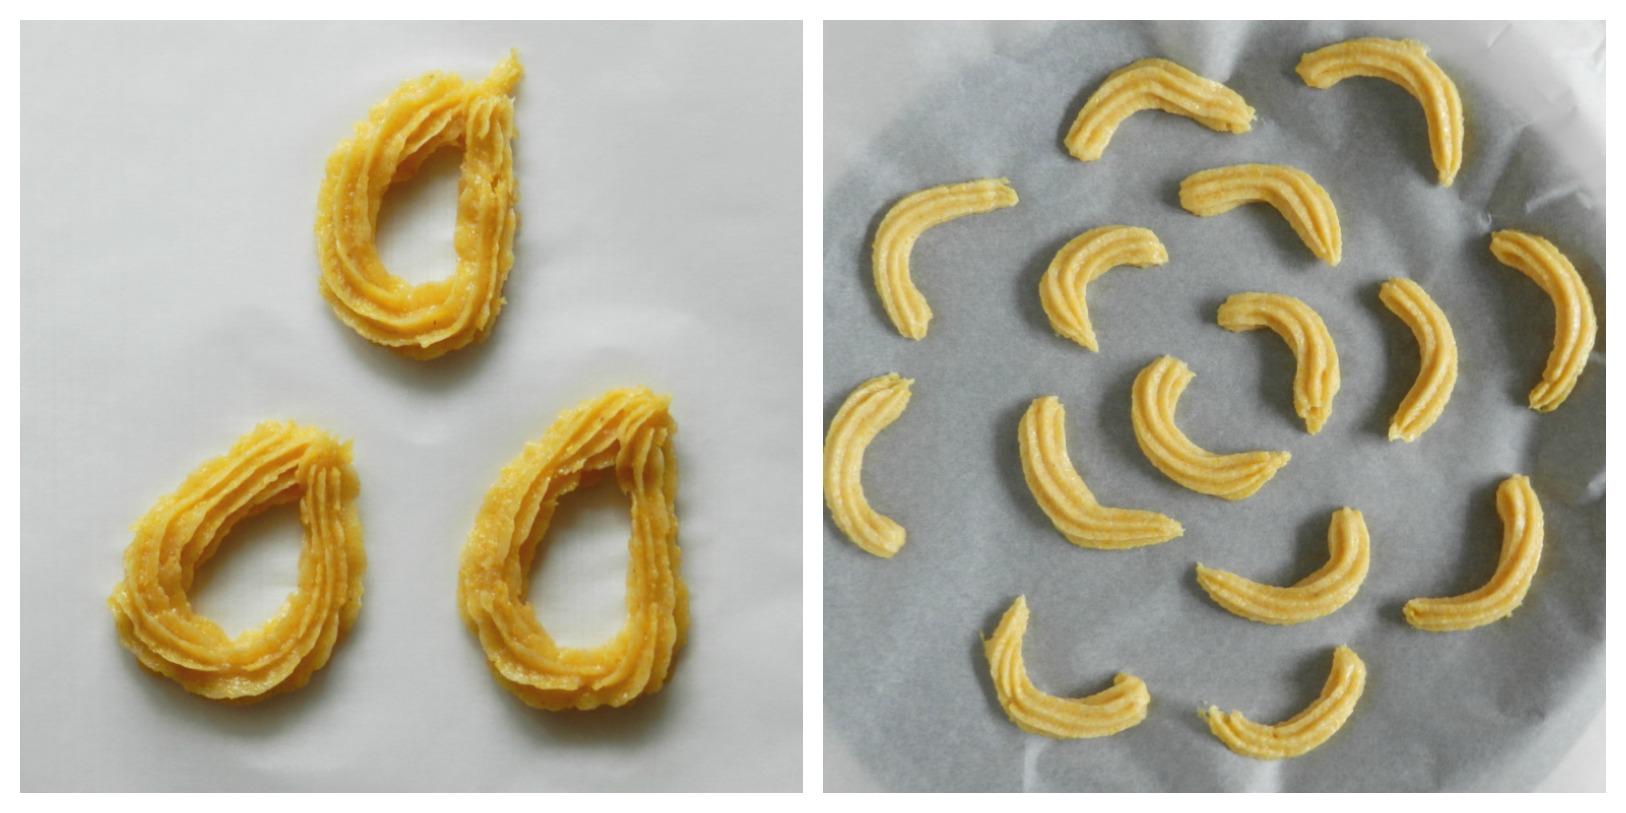 Giornata Nazionale delle Paste di meliga e Krumiri nel Calendario del Cibo Italiano AIFB